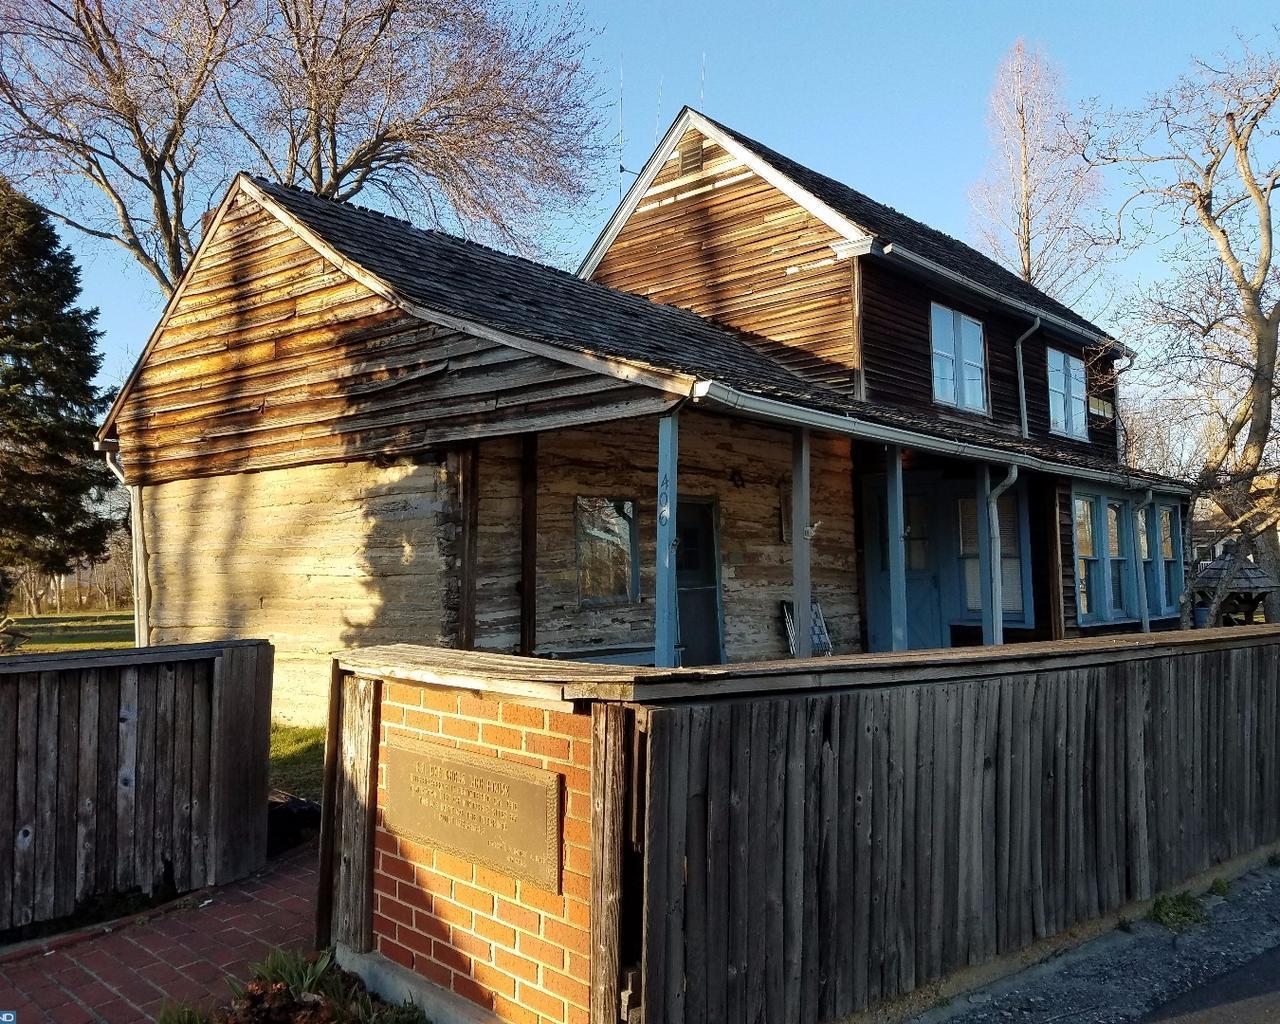 own america u0027s oldest surviving log cabin for 2 9 million 6sqft